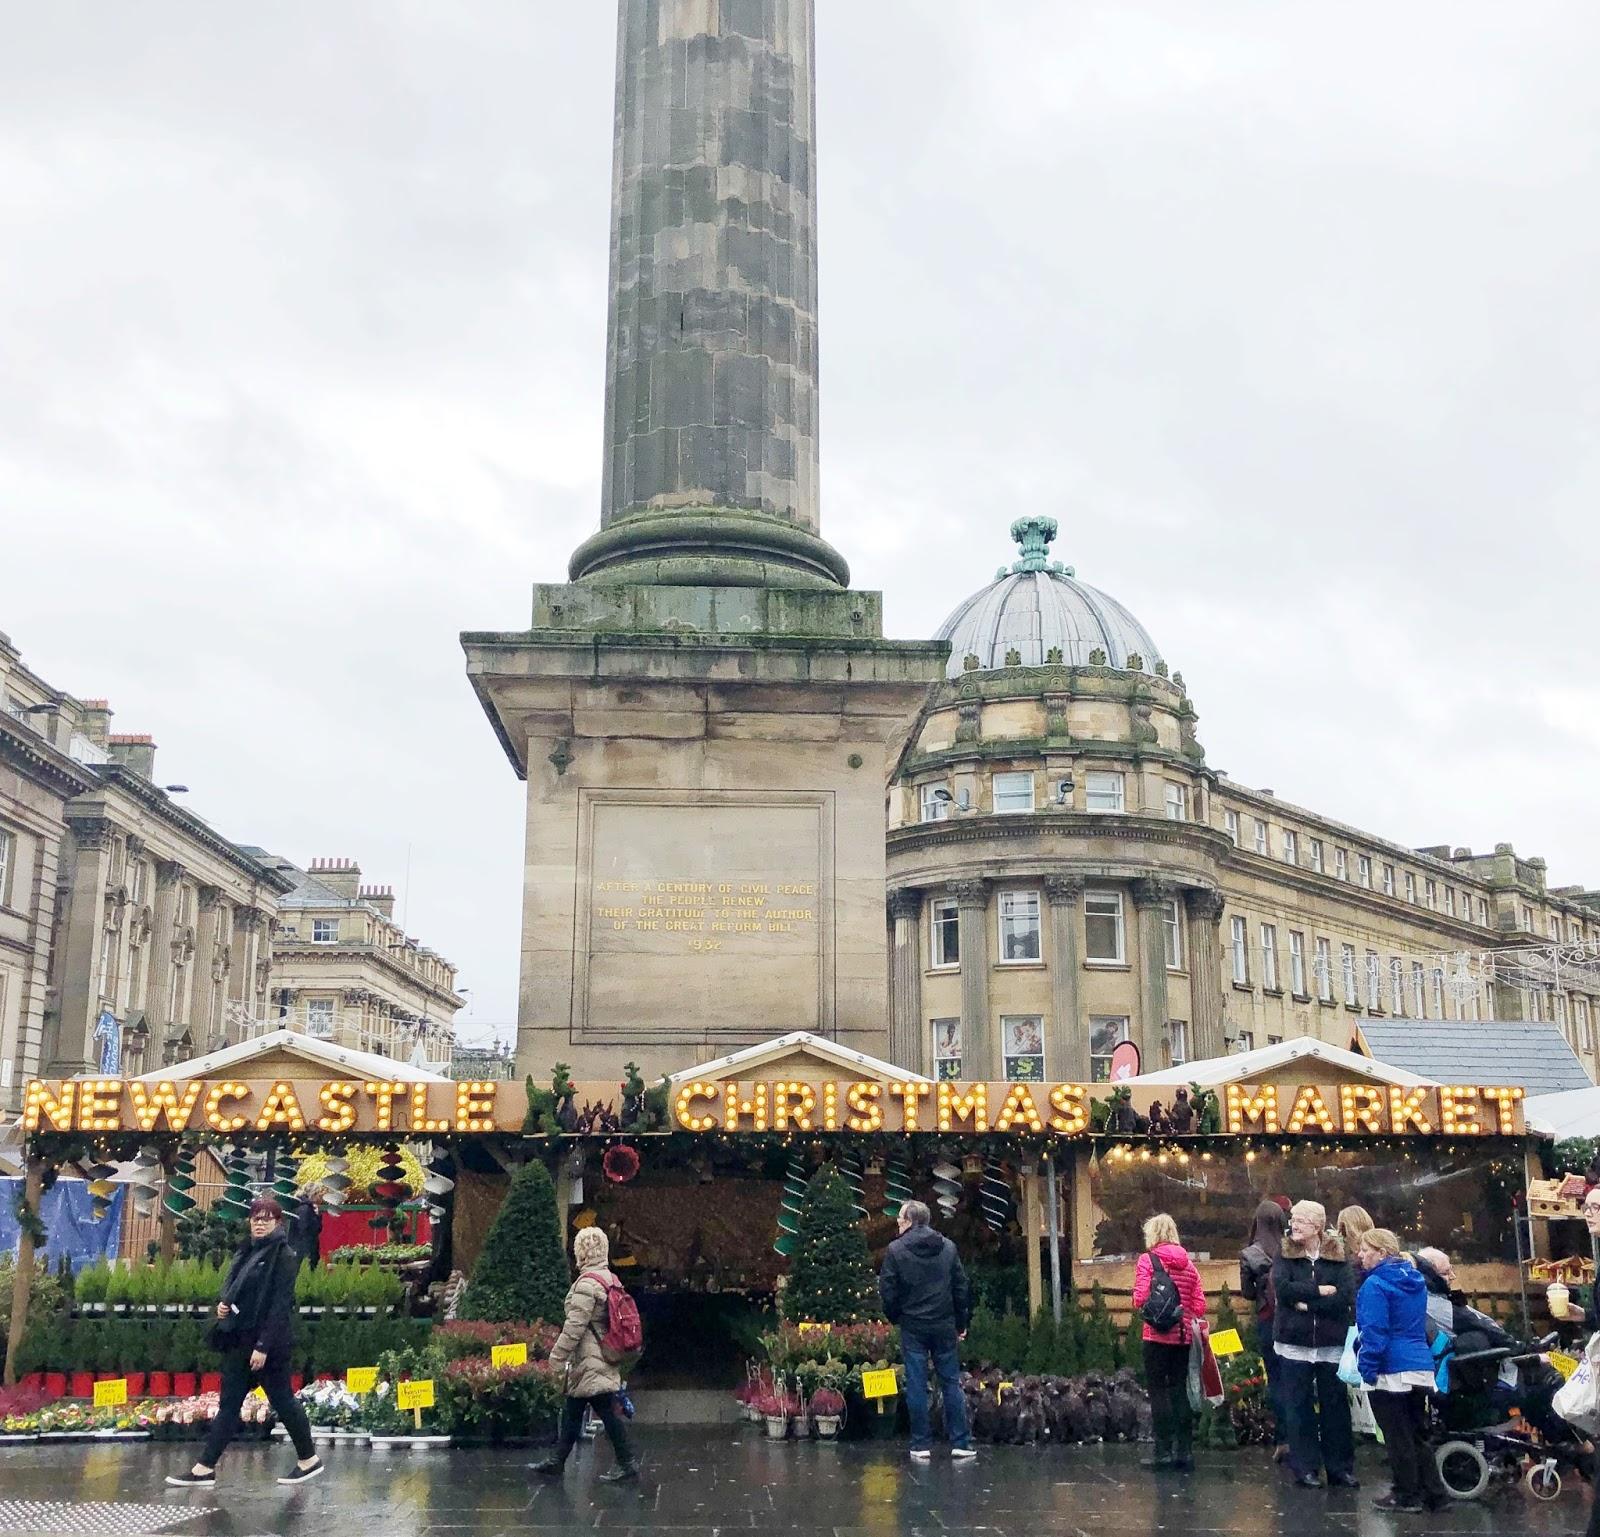 New Girl in Toon November Days - Newcastle Christmas Market